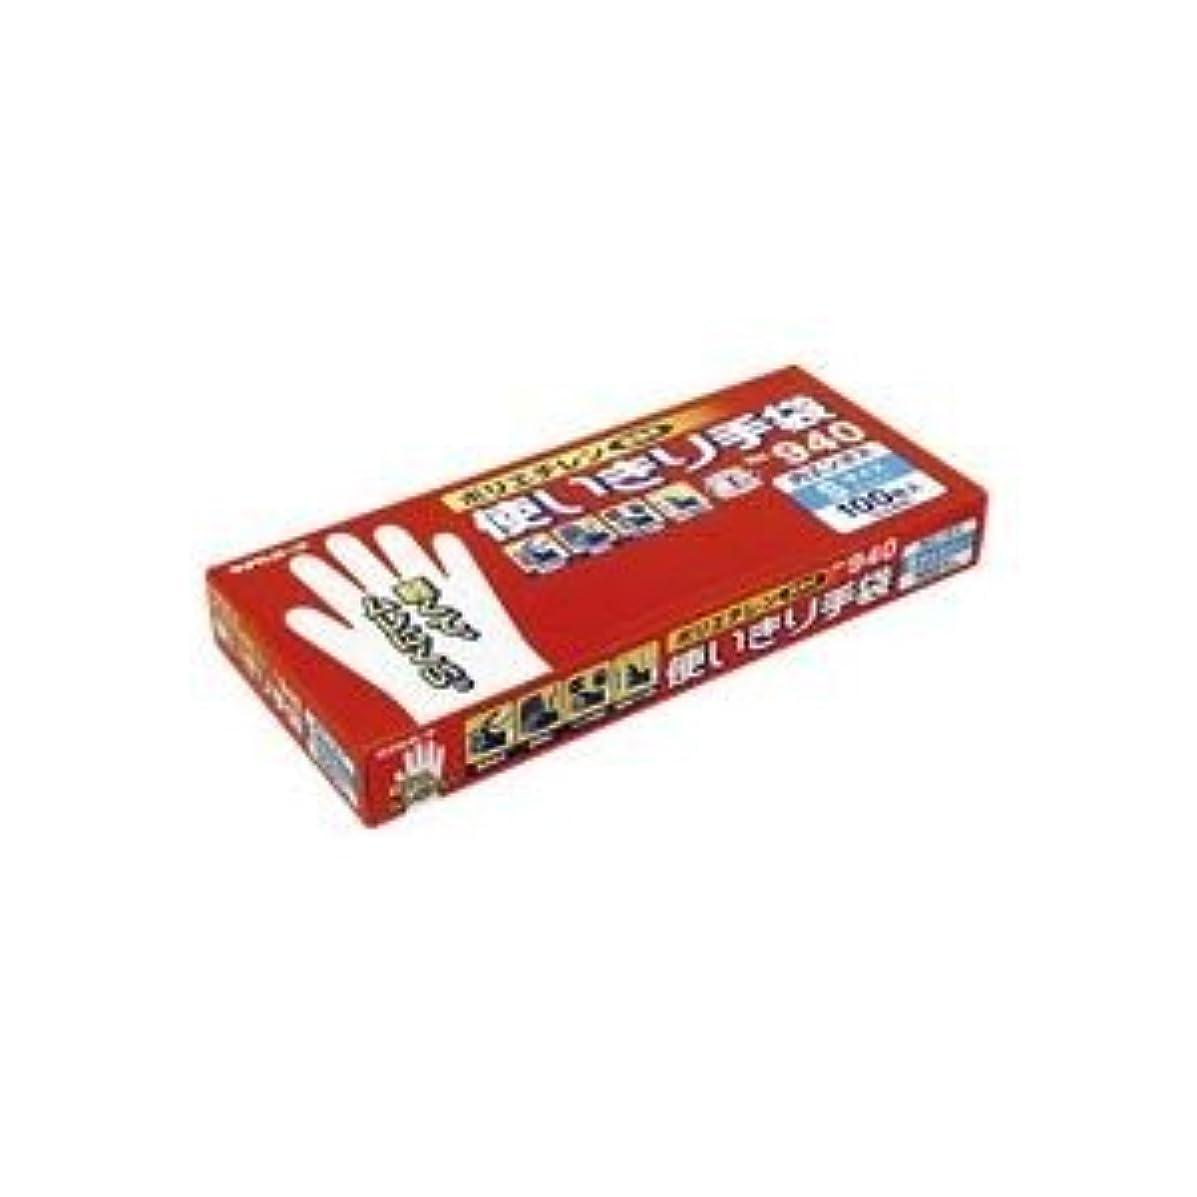 規範やりすぎ疎外( お徳用 100セット ) エステー ポリエンボス使い切り手袋 No.940 S 100枚